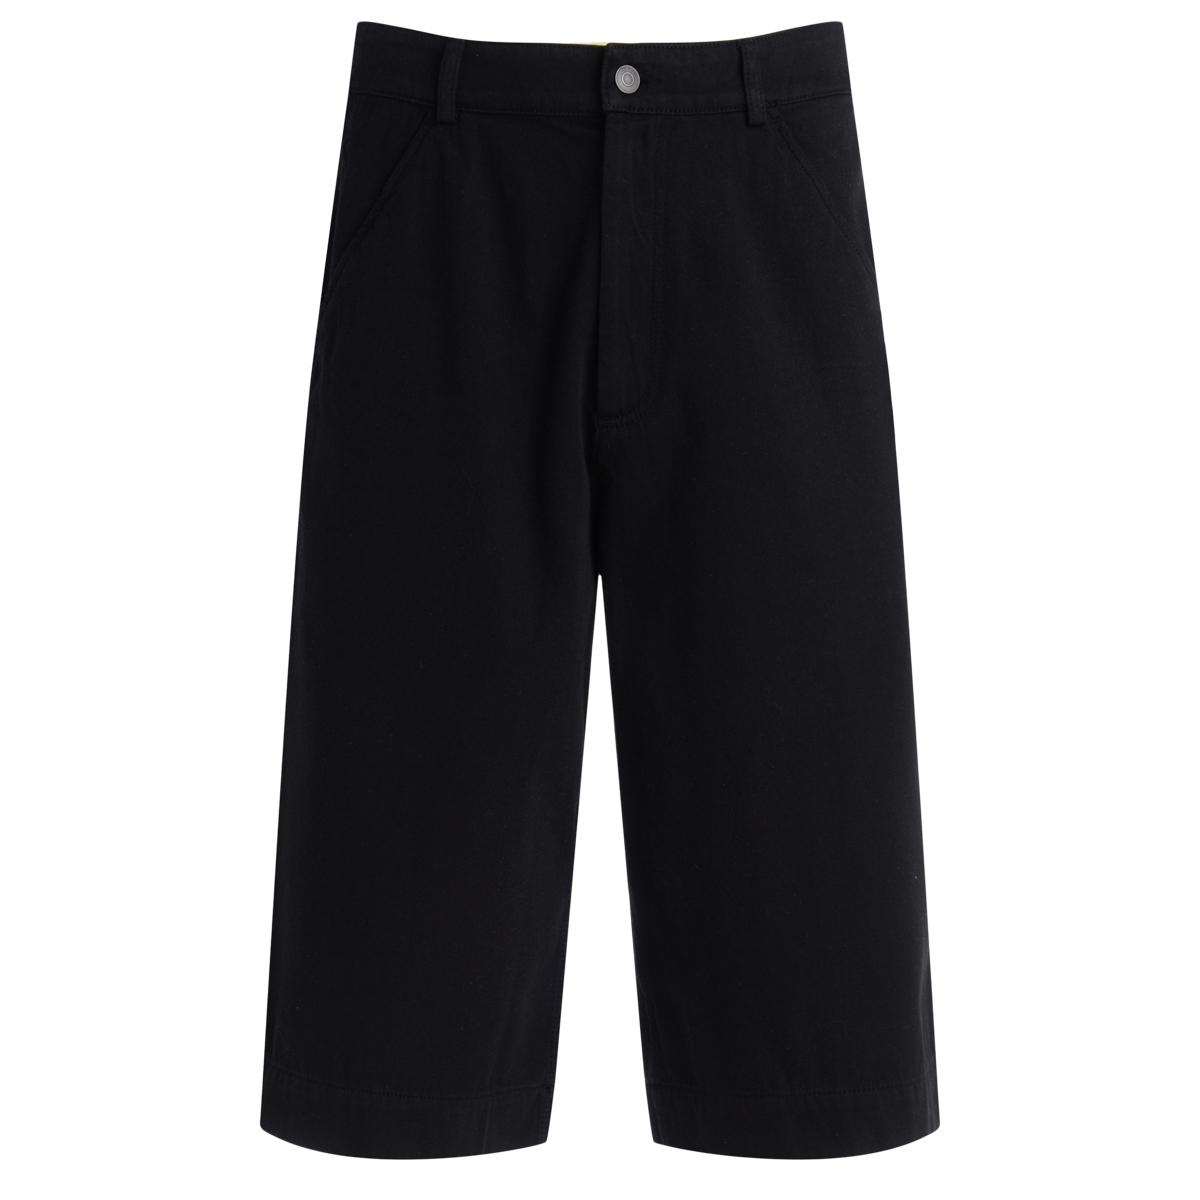 Bermuda Kenzo en coton noir - Kenzo - Modalova